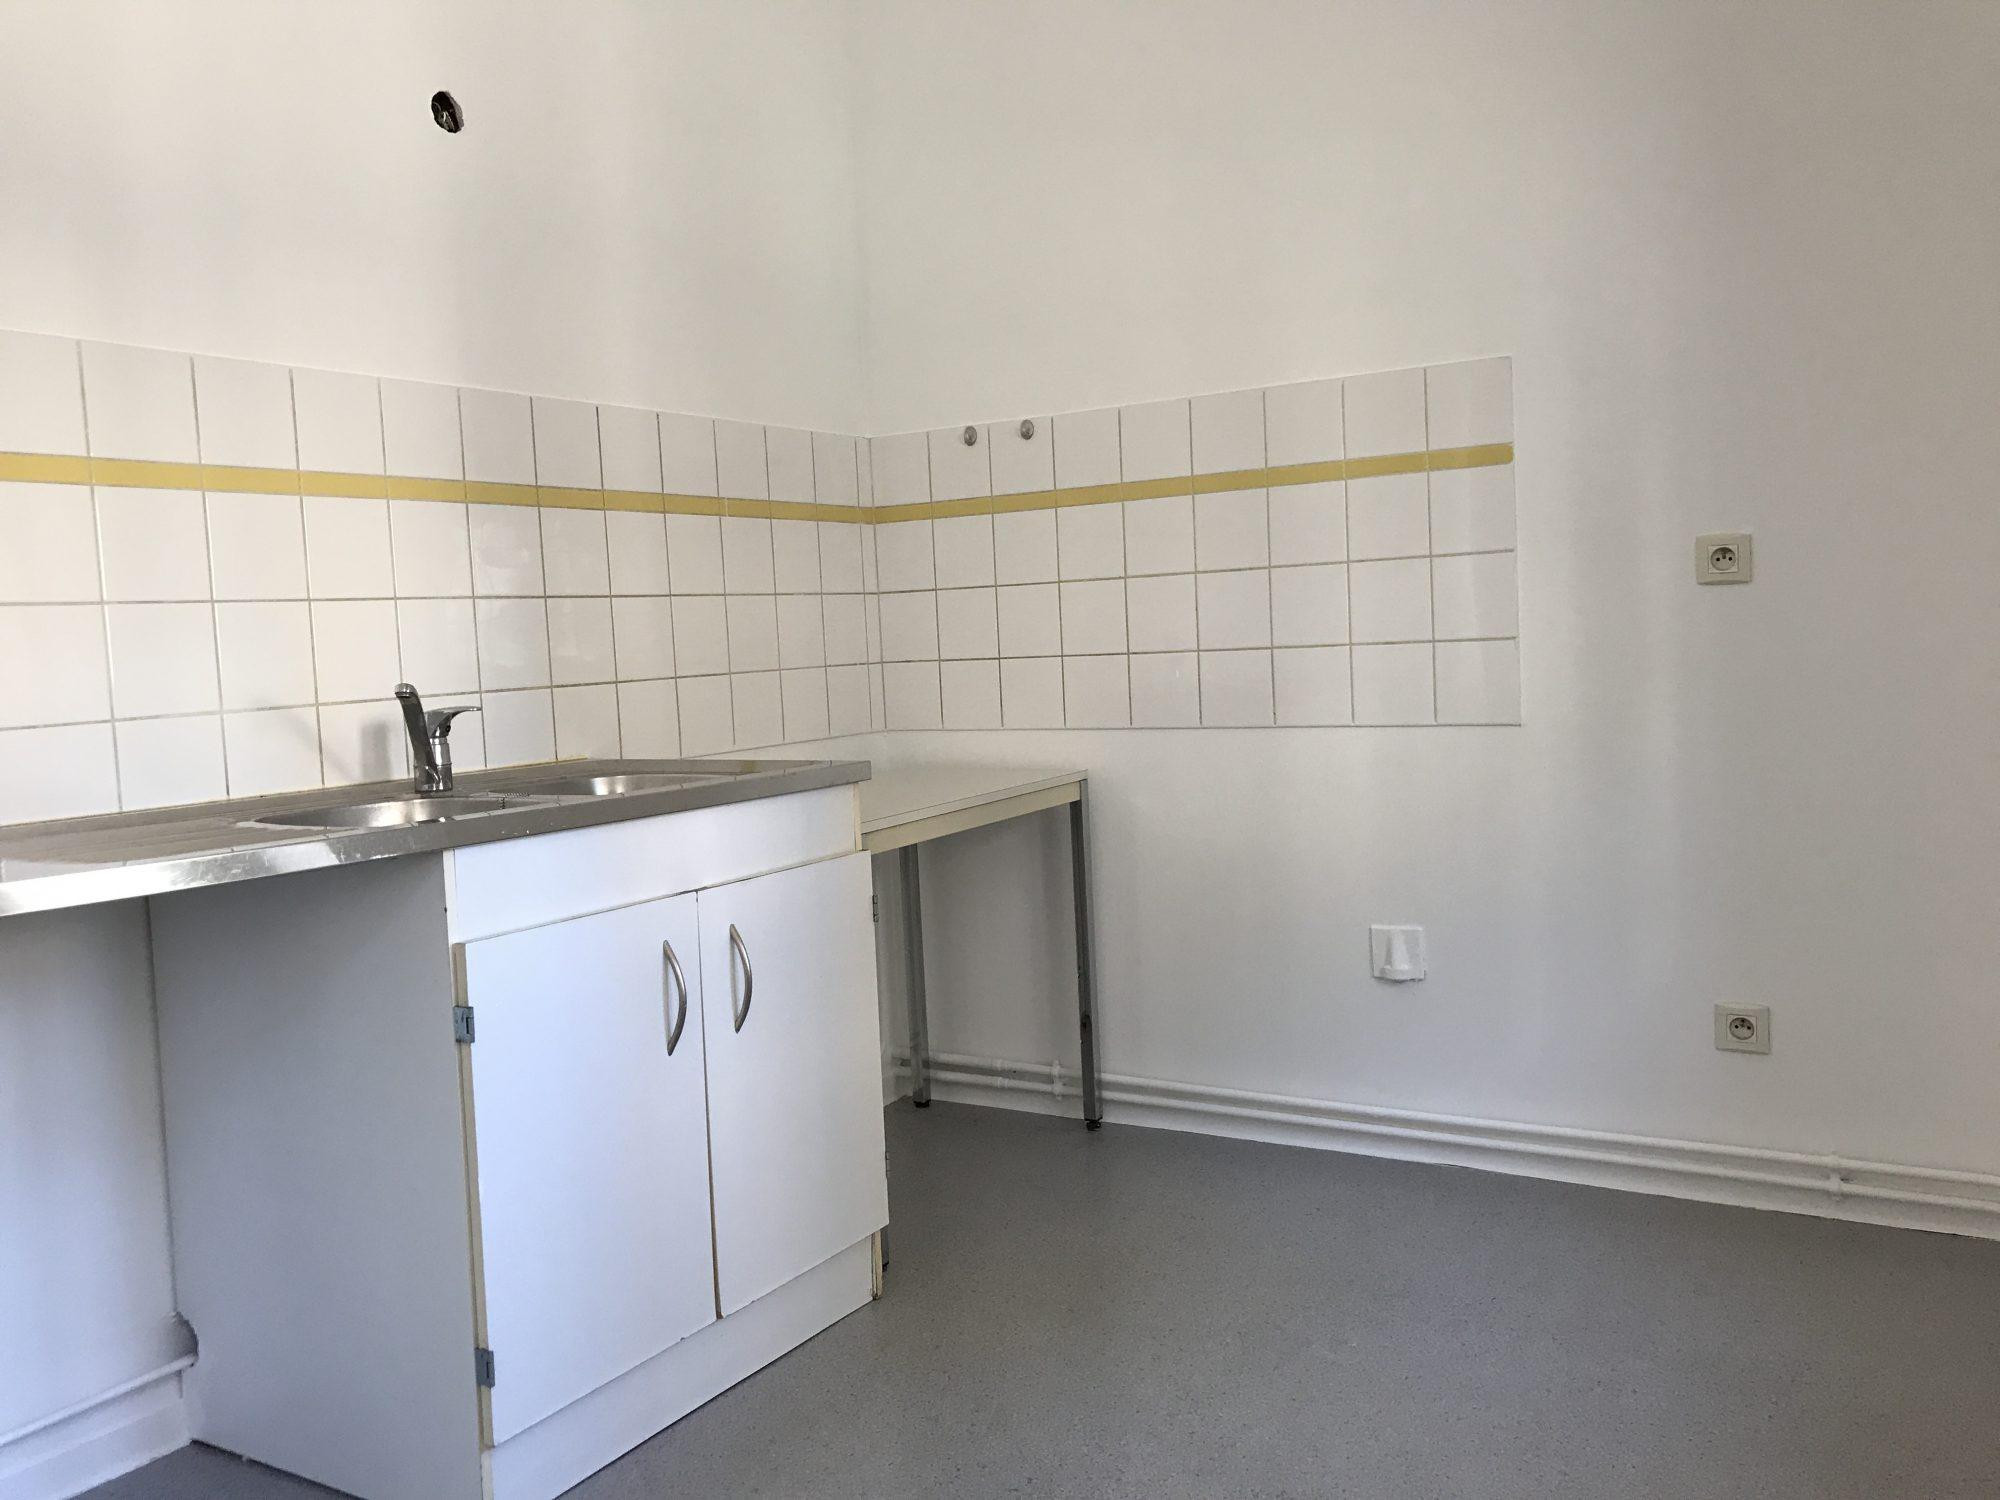 3 pièces musée d'art moderne - Devenez locataire en toute sérénité - Bintz Immobilier - 6